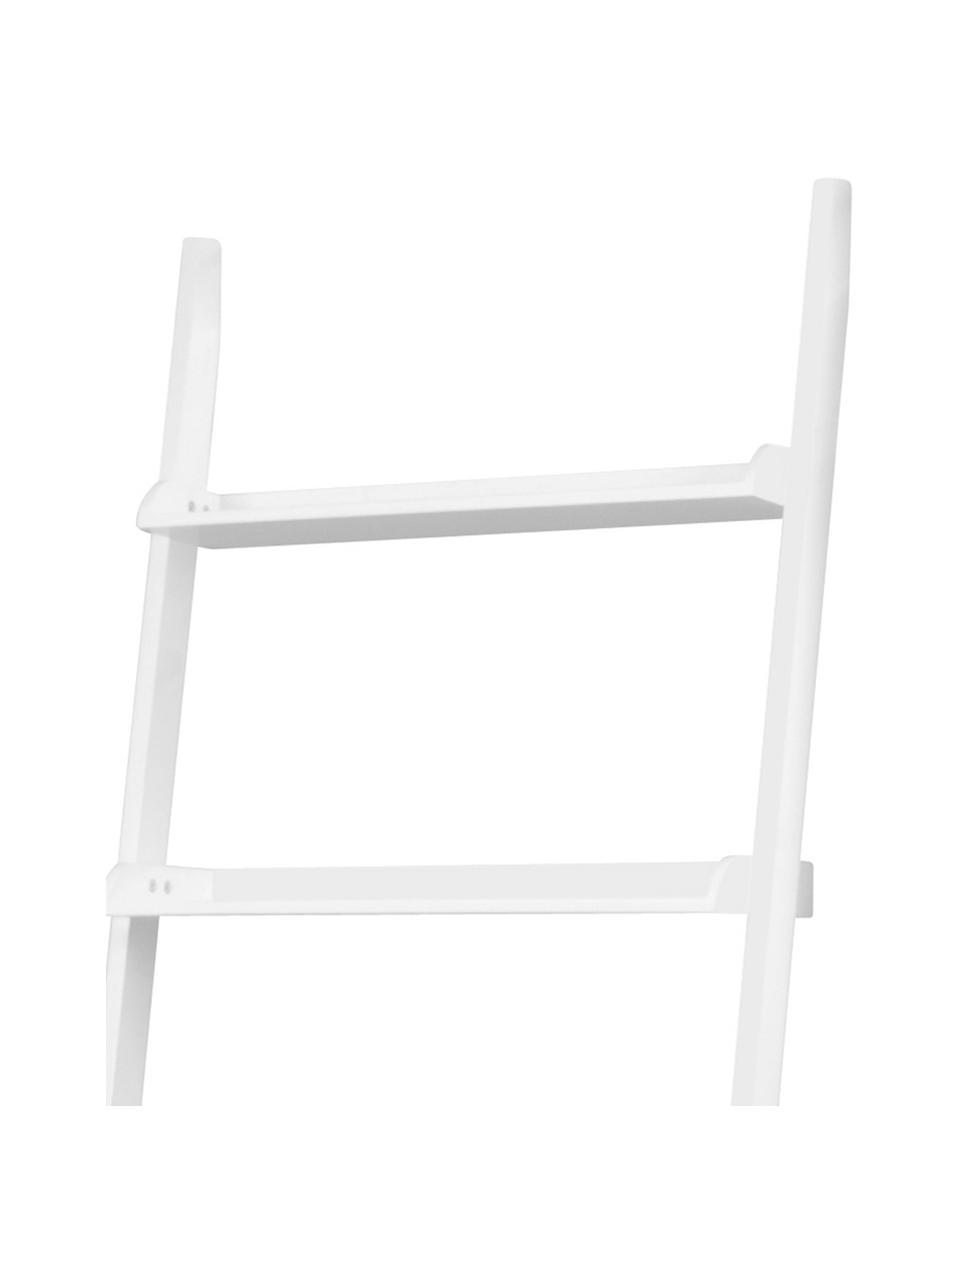 Leiterregal Wally in Weiß, Mitteldichte Holzfaserplatte (MDF), lackiert, Weiß, 67 x 189 cm